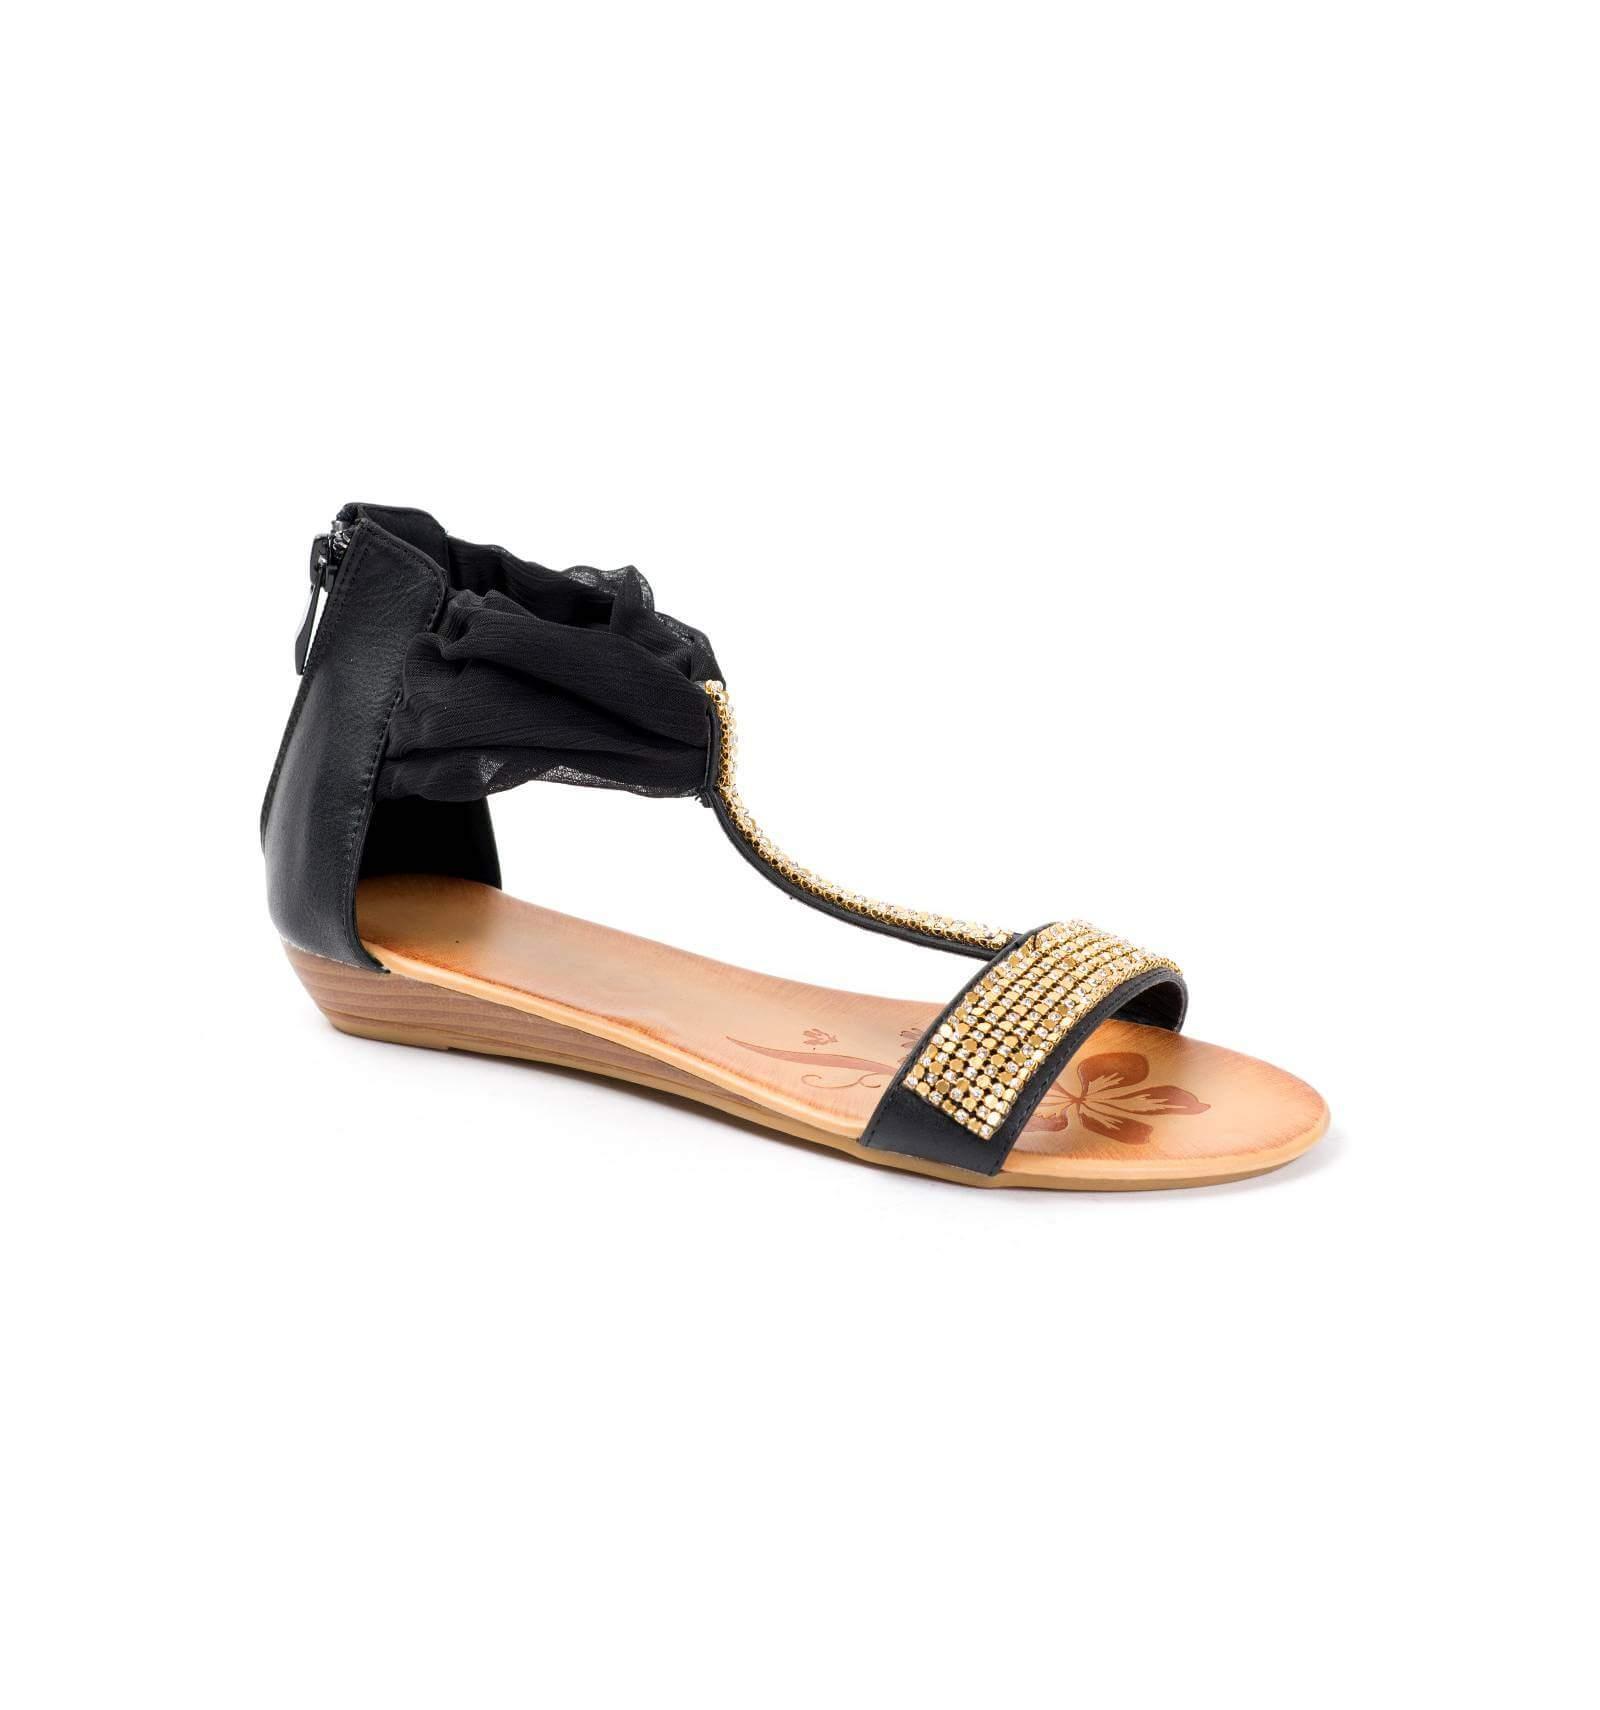 Sandales compensée à strass vQSpzN2xk